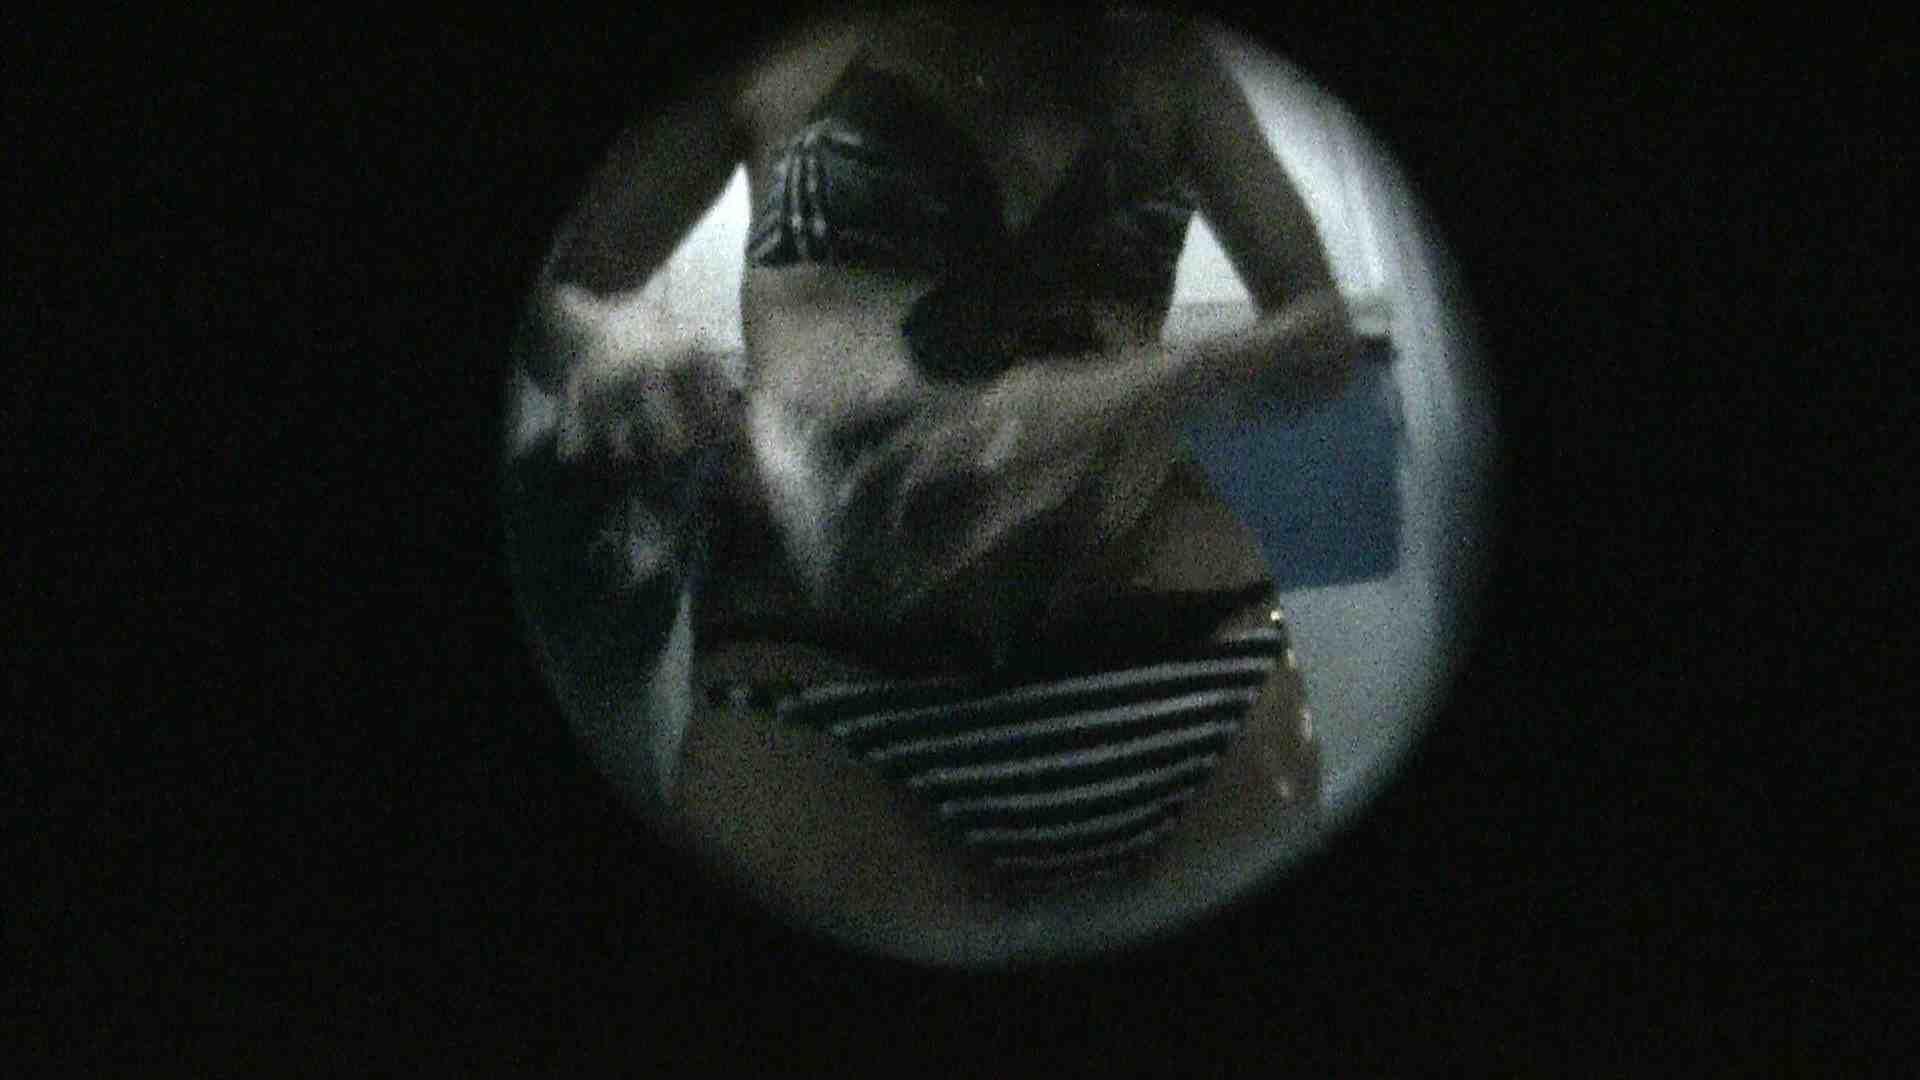 NO.13 暗いですが豪快な砂落としが好印象 シャワー室 ワレメ動画紹介 89画像 34